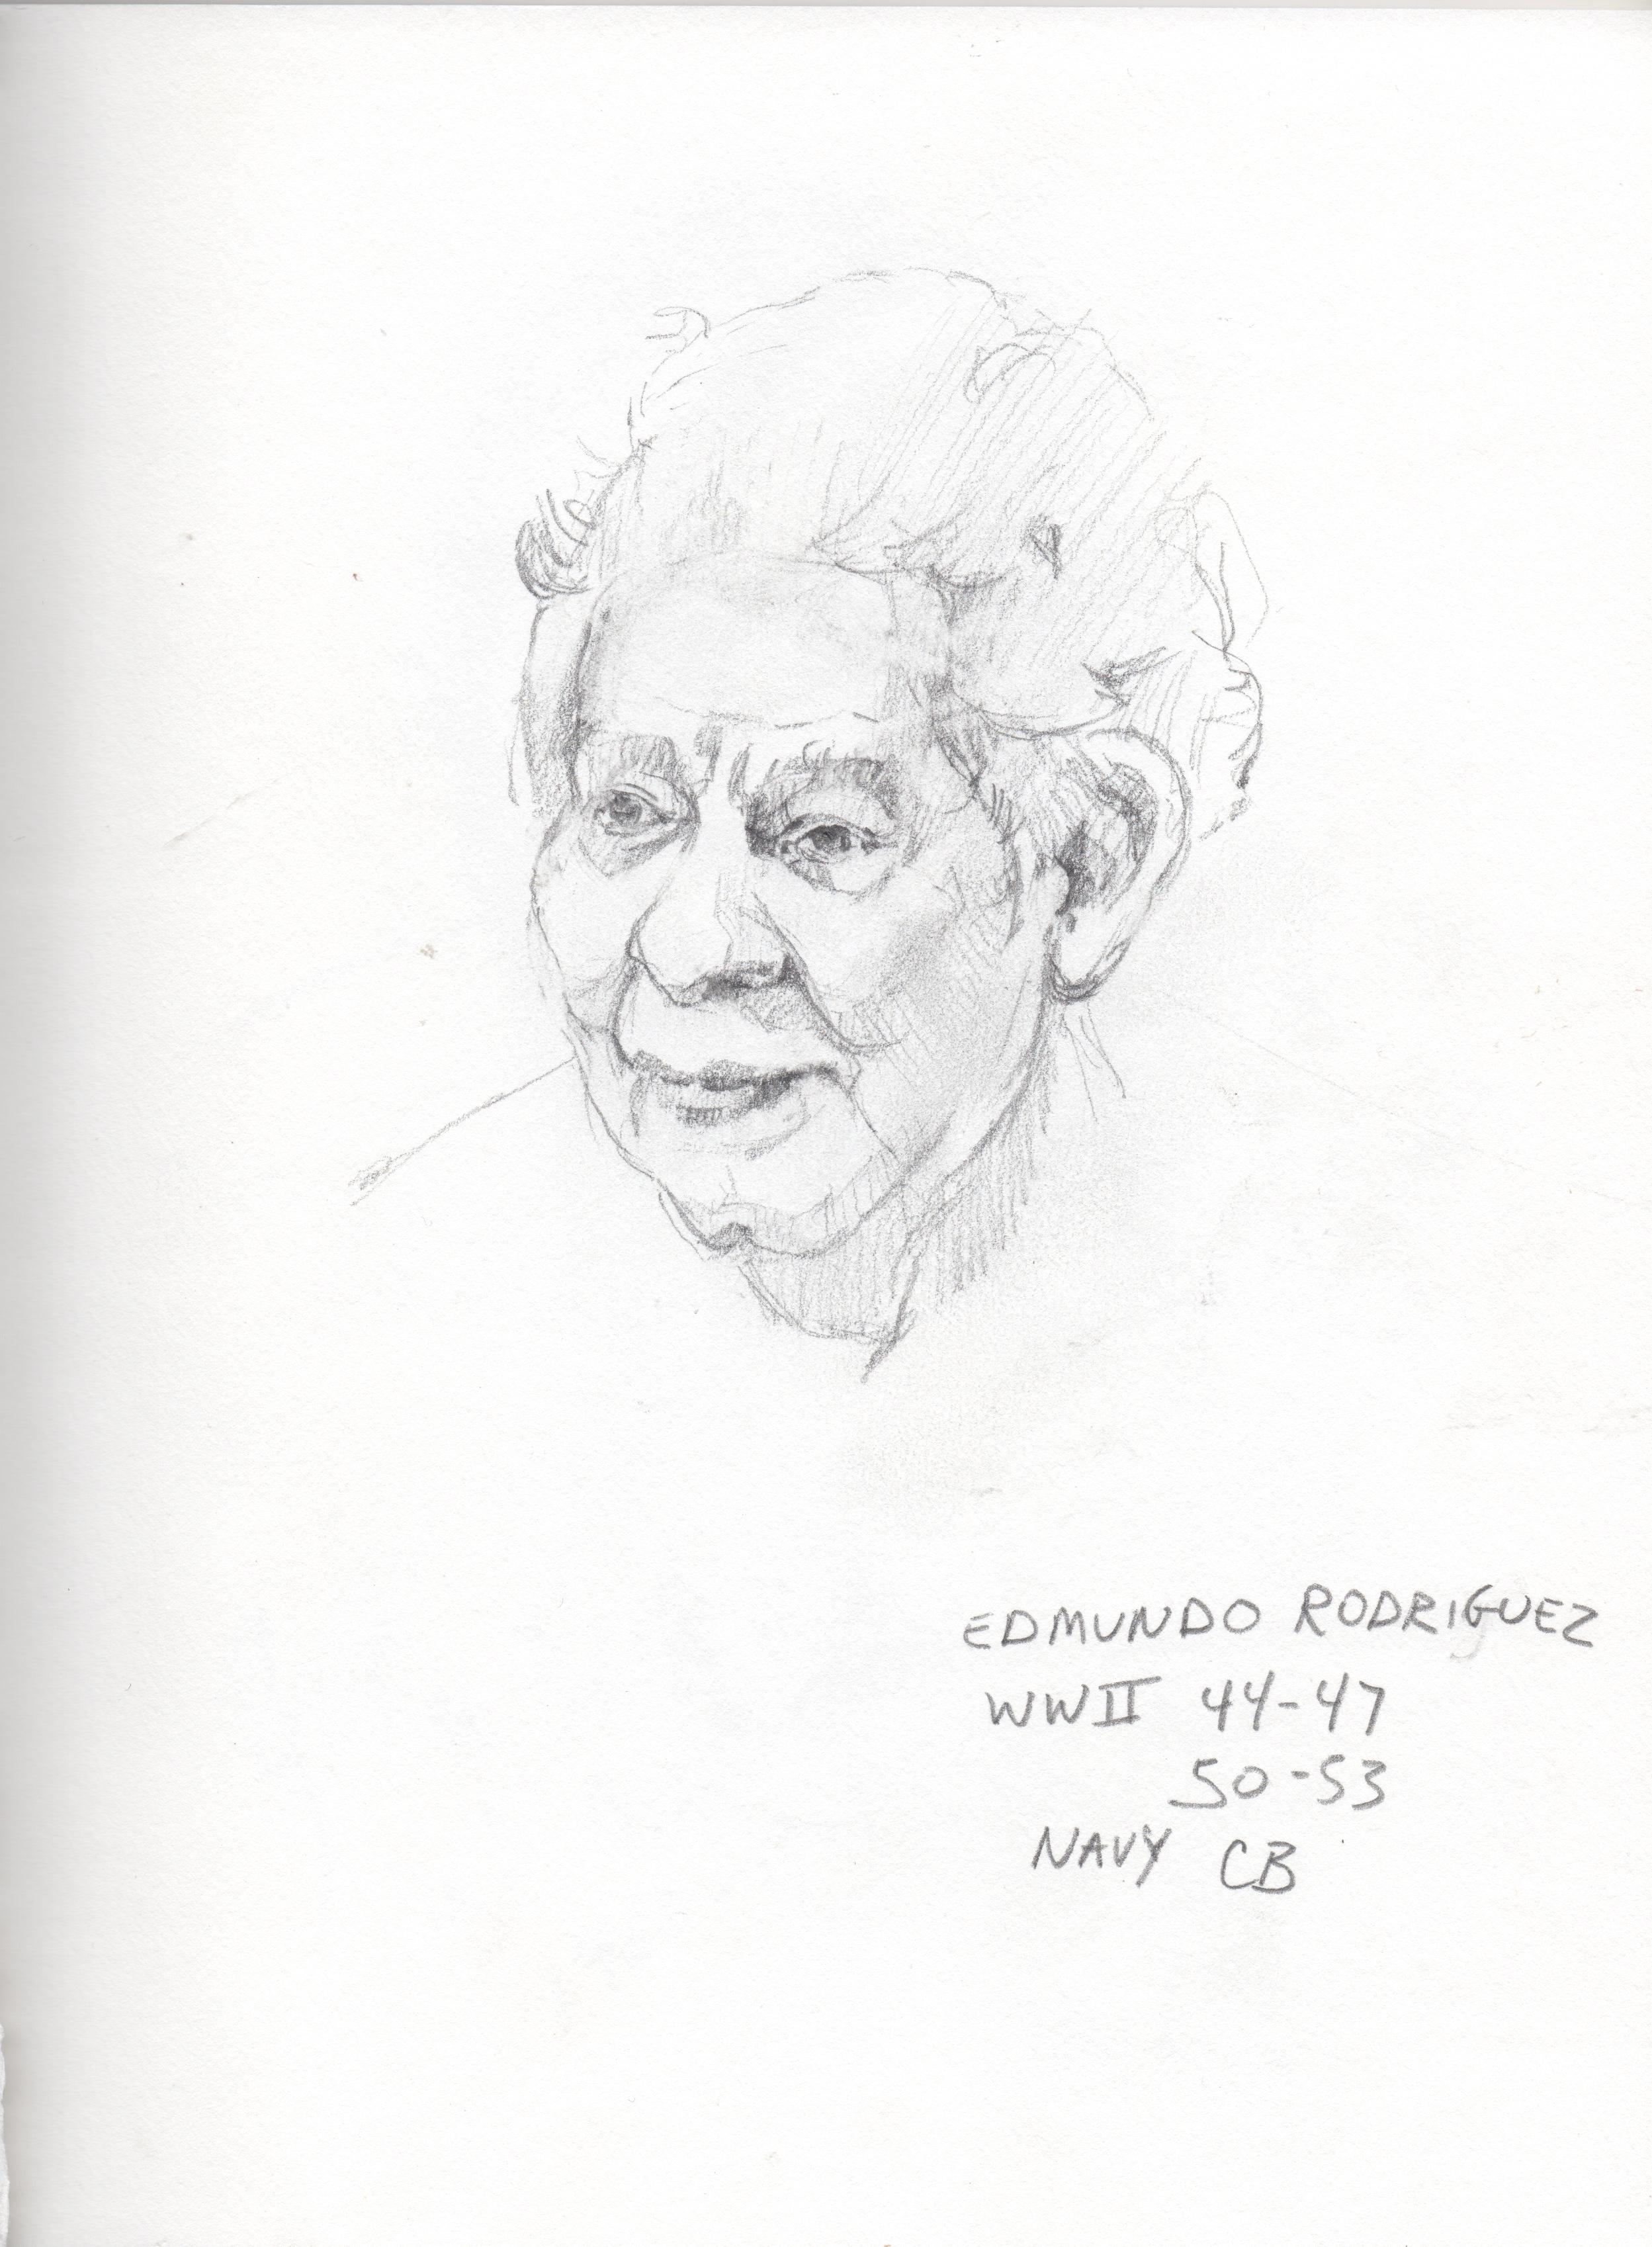 Edmund Rodriquez